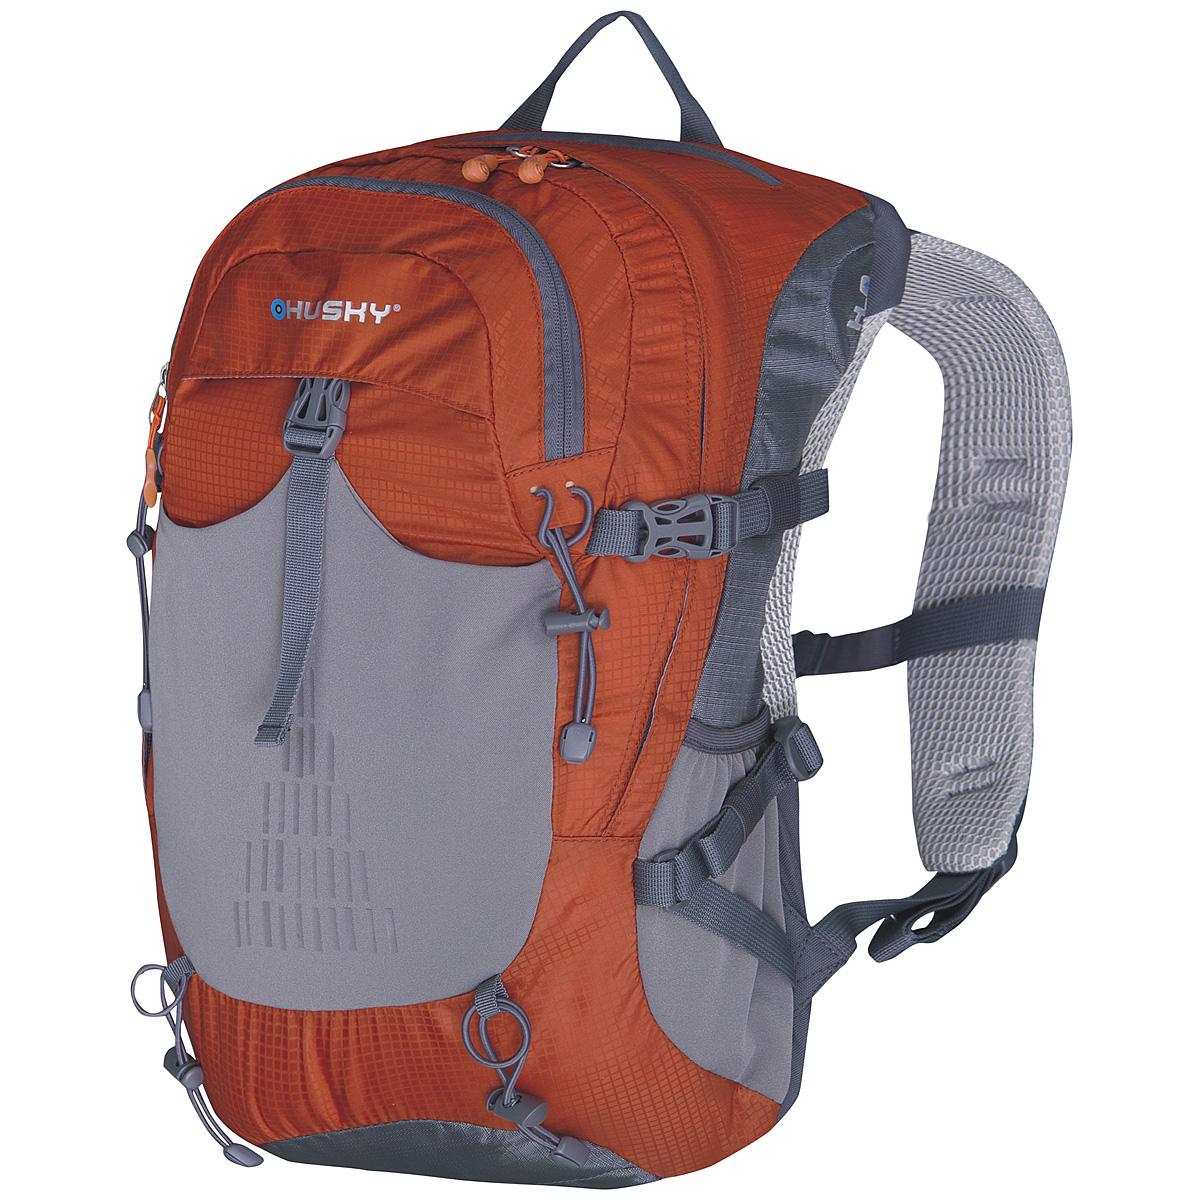 Рюкзак городской Husky Spiner 20, цвет: оранжевый рюкзак городской husky boost 20 цвет черный 20 л